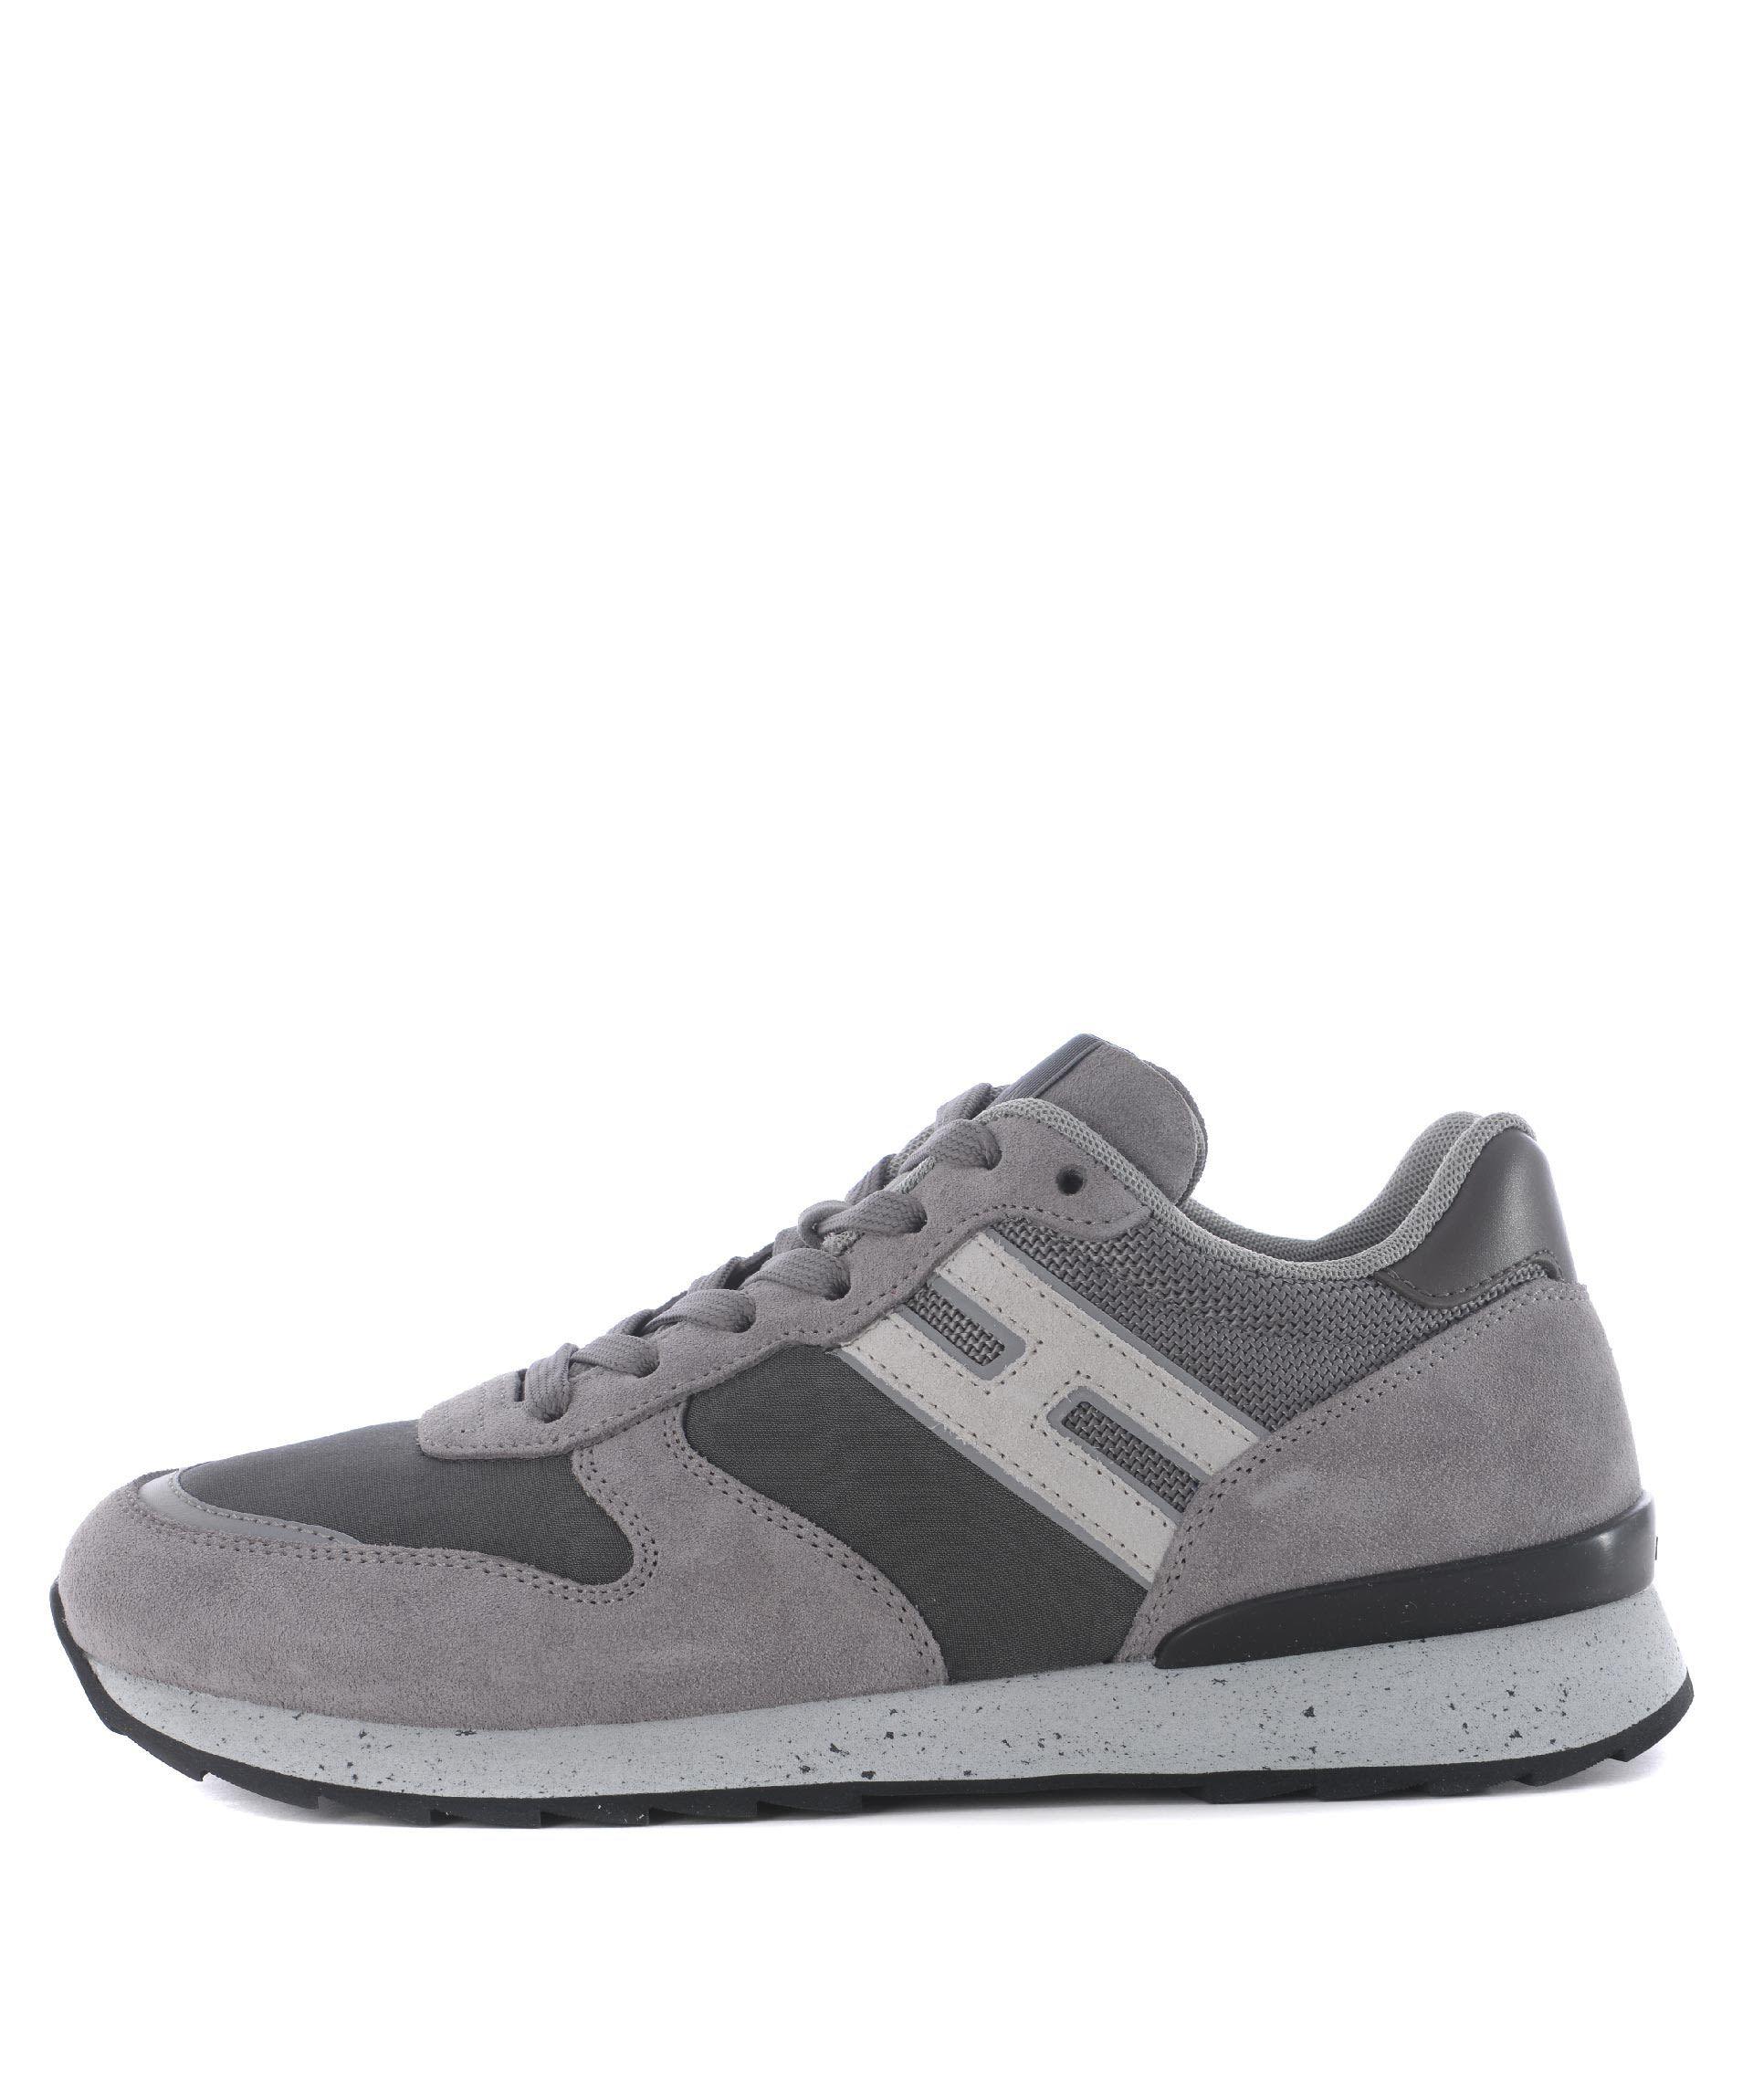 HoganR261 Running sneakers 52ErXxJ